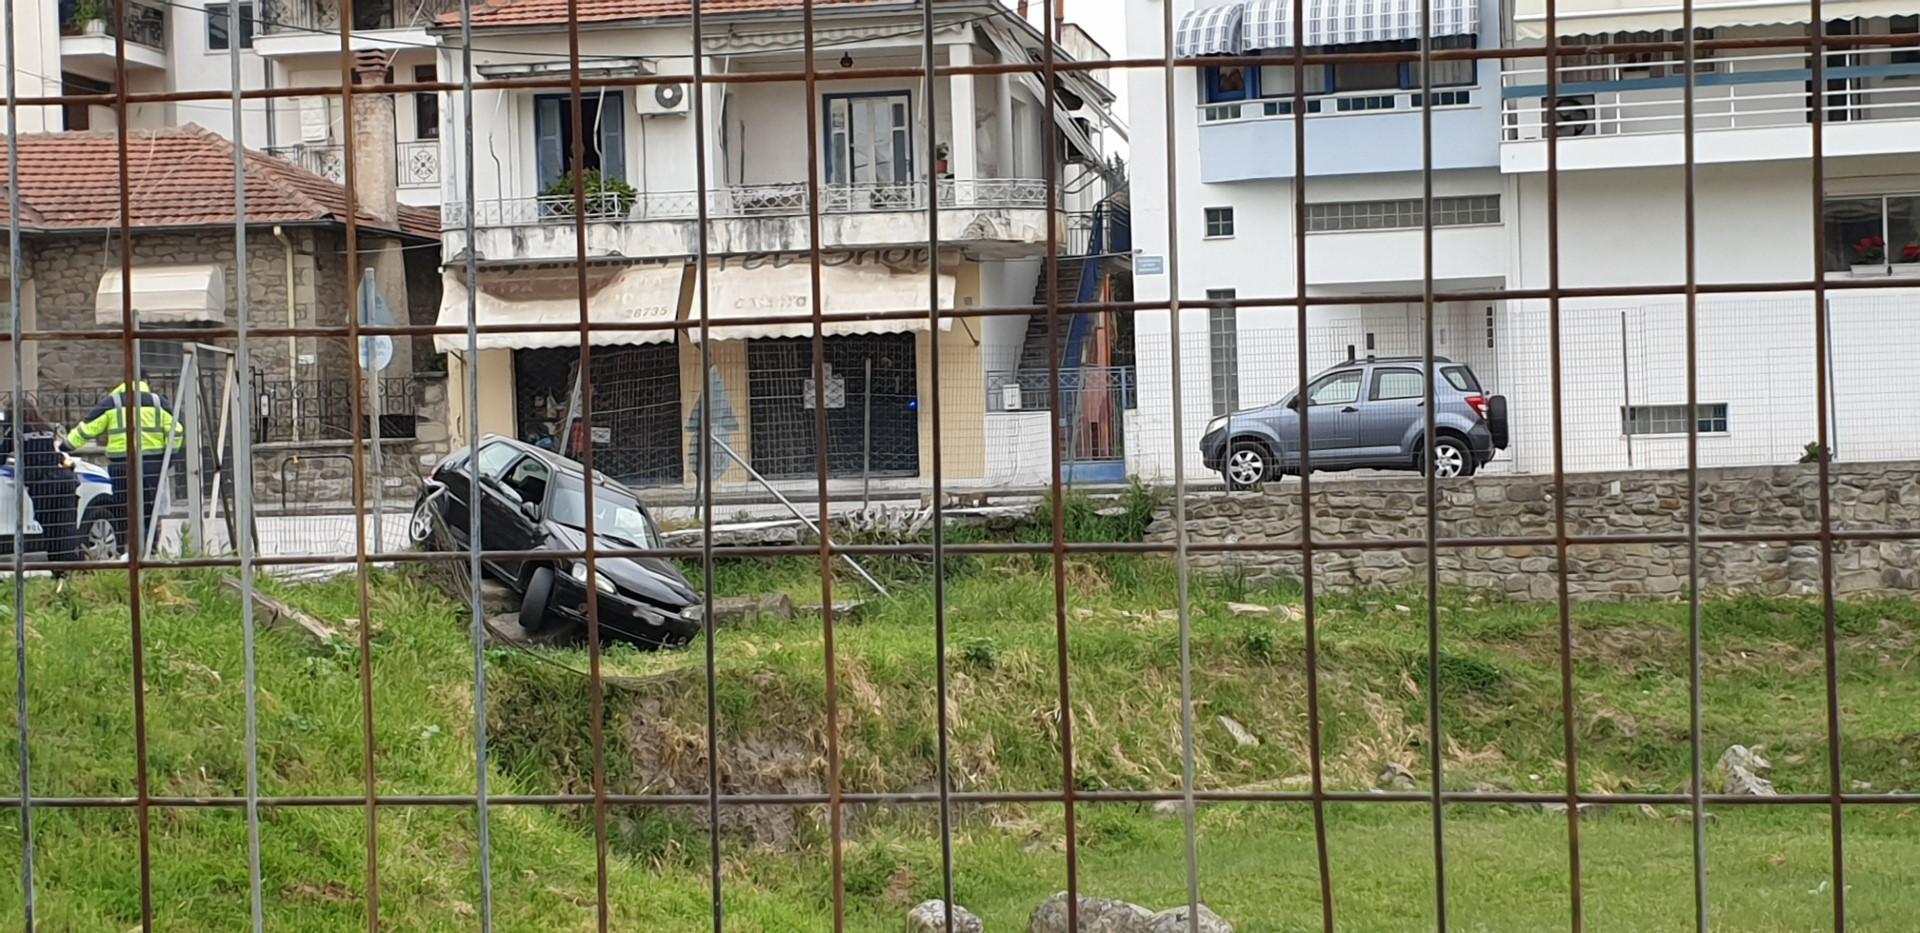 Σφοδρή πλαγιομετωπική σύγκρουση έξω από την Ελασσόνα (φώτο)